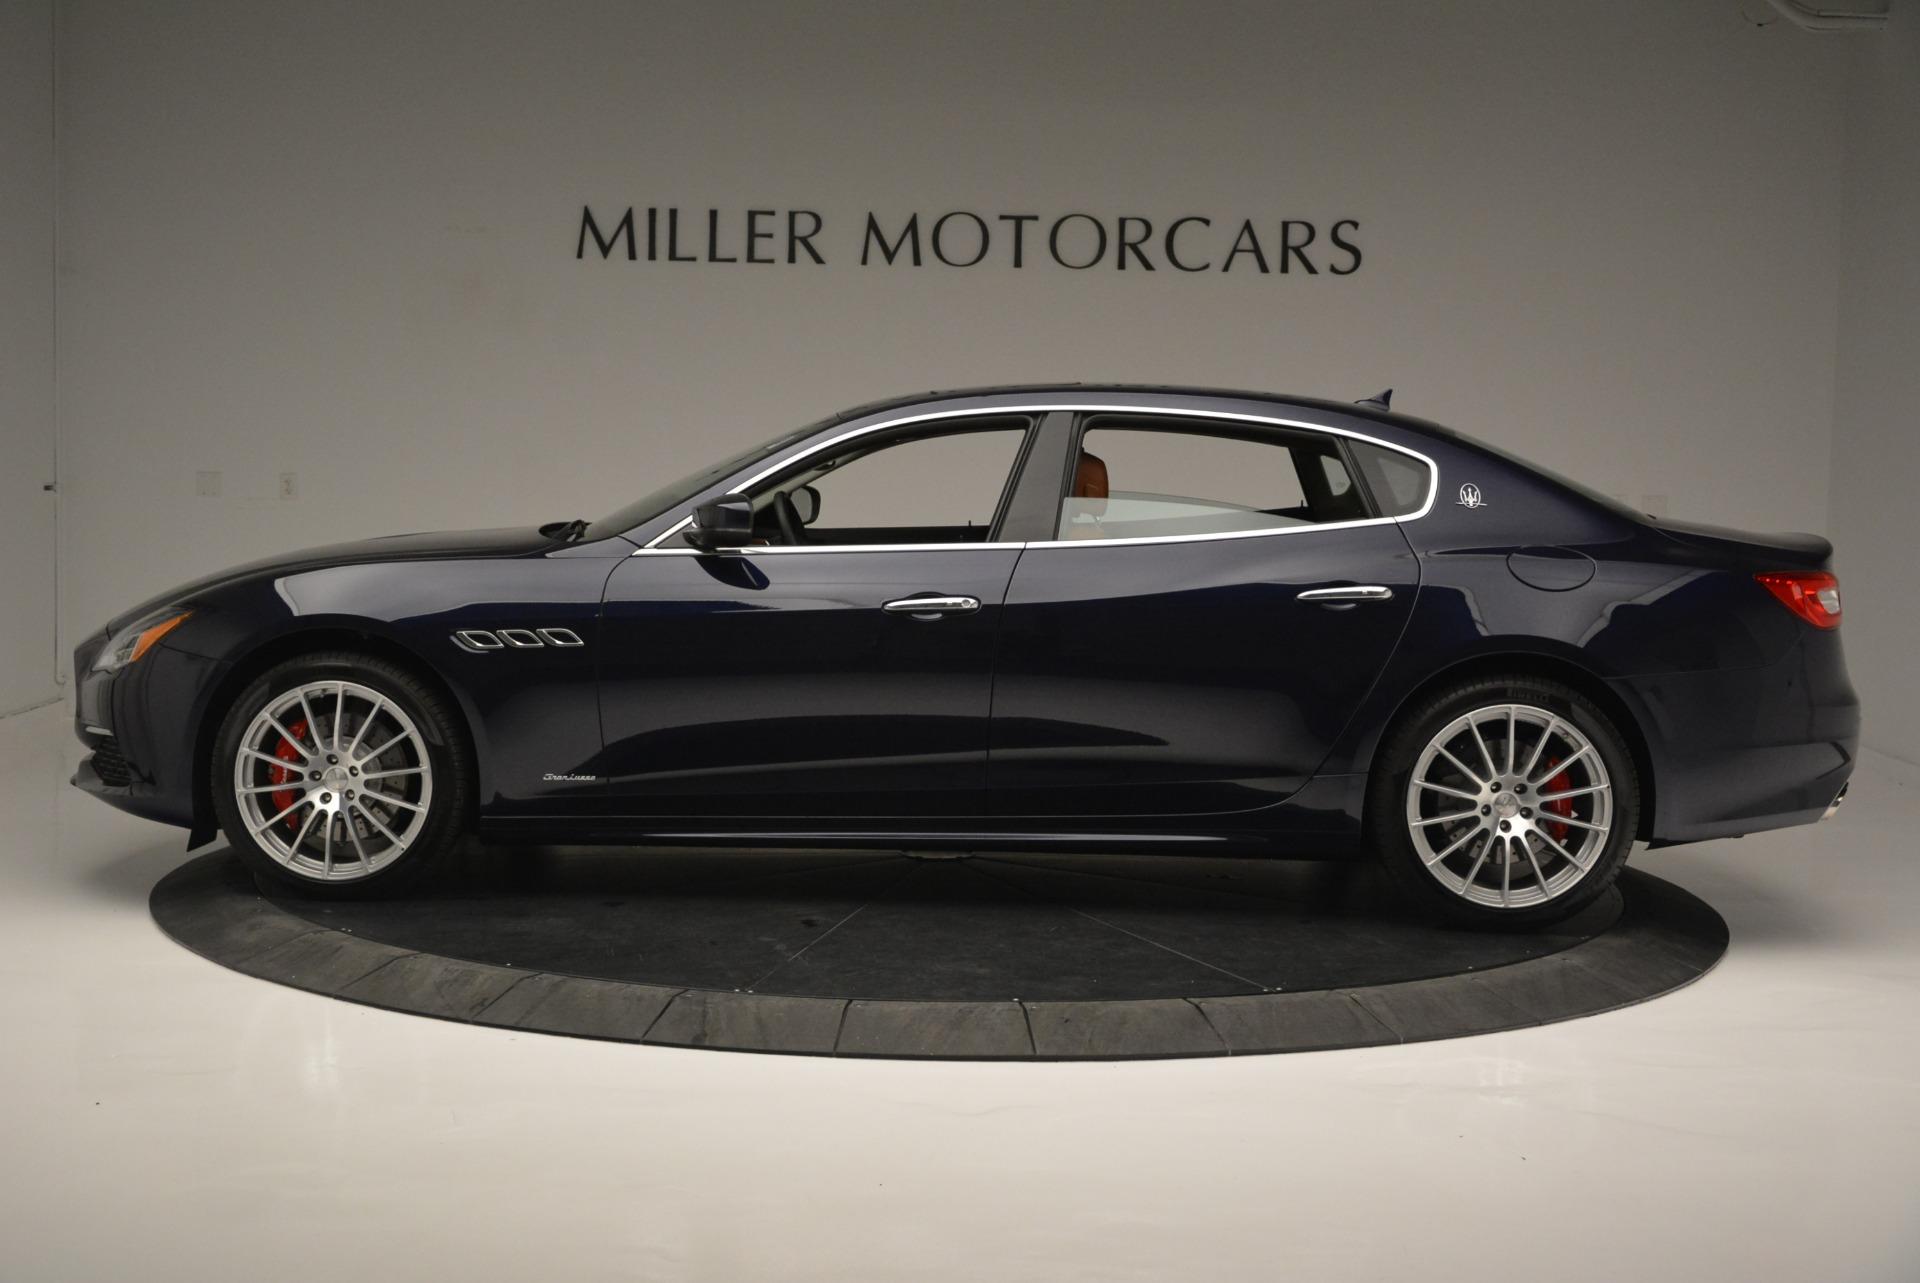 New 2018 Maserati Quattroporte S Q4 GranLusso For Sale In Greenwich, CT. Alfa Romeo of Greenwich, M1992 1859_p3